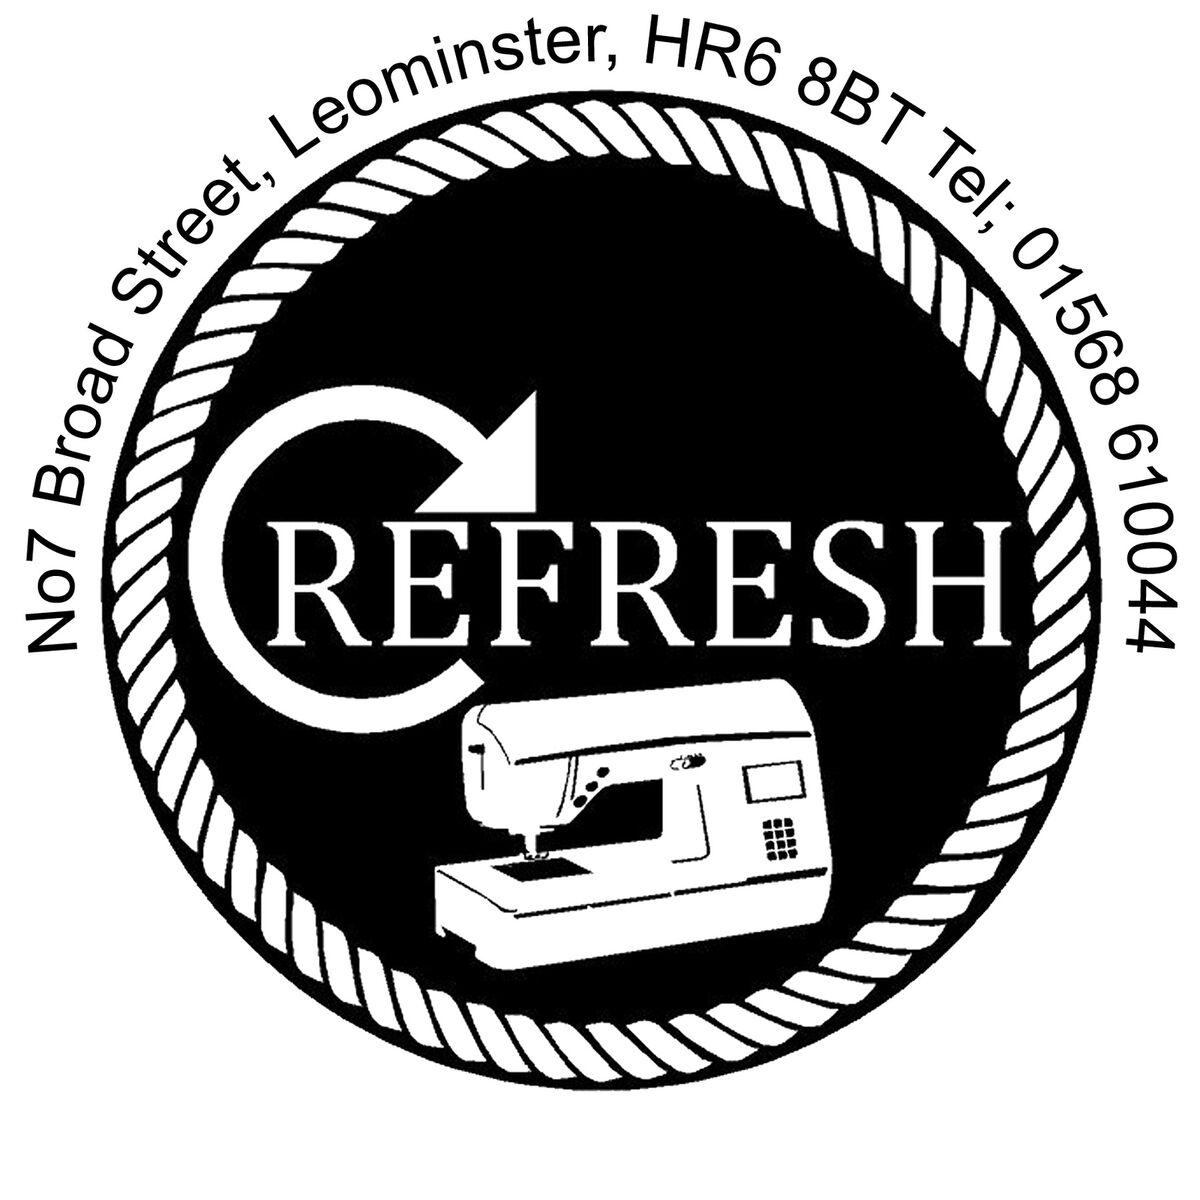 refreshofleominster